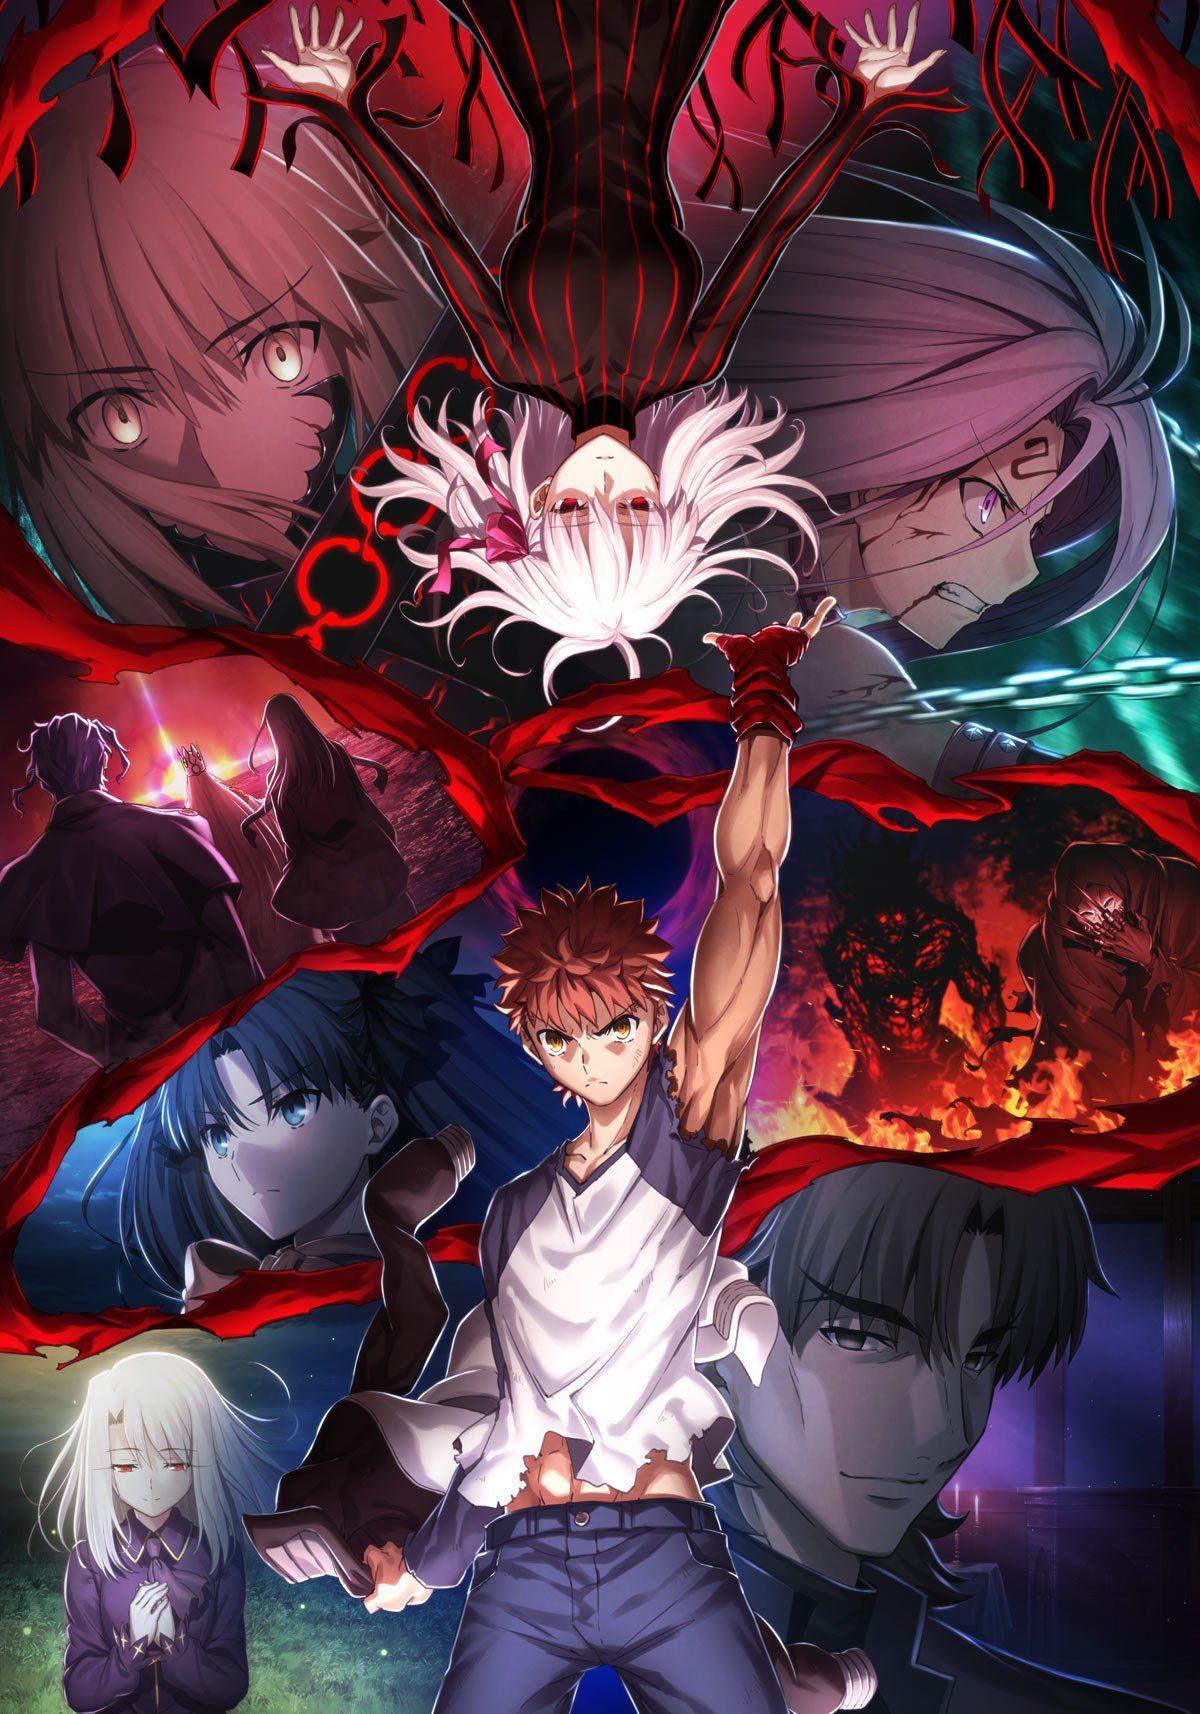 Un nouveau visuel pour le film d'animation Fate/stay night